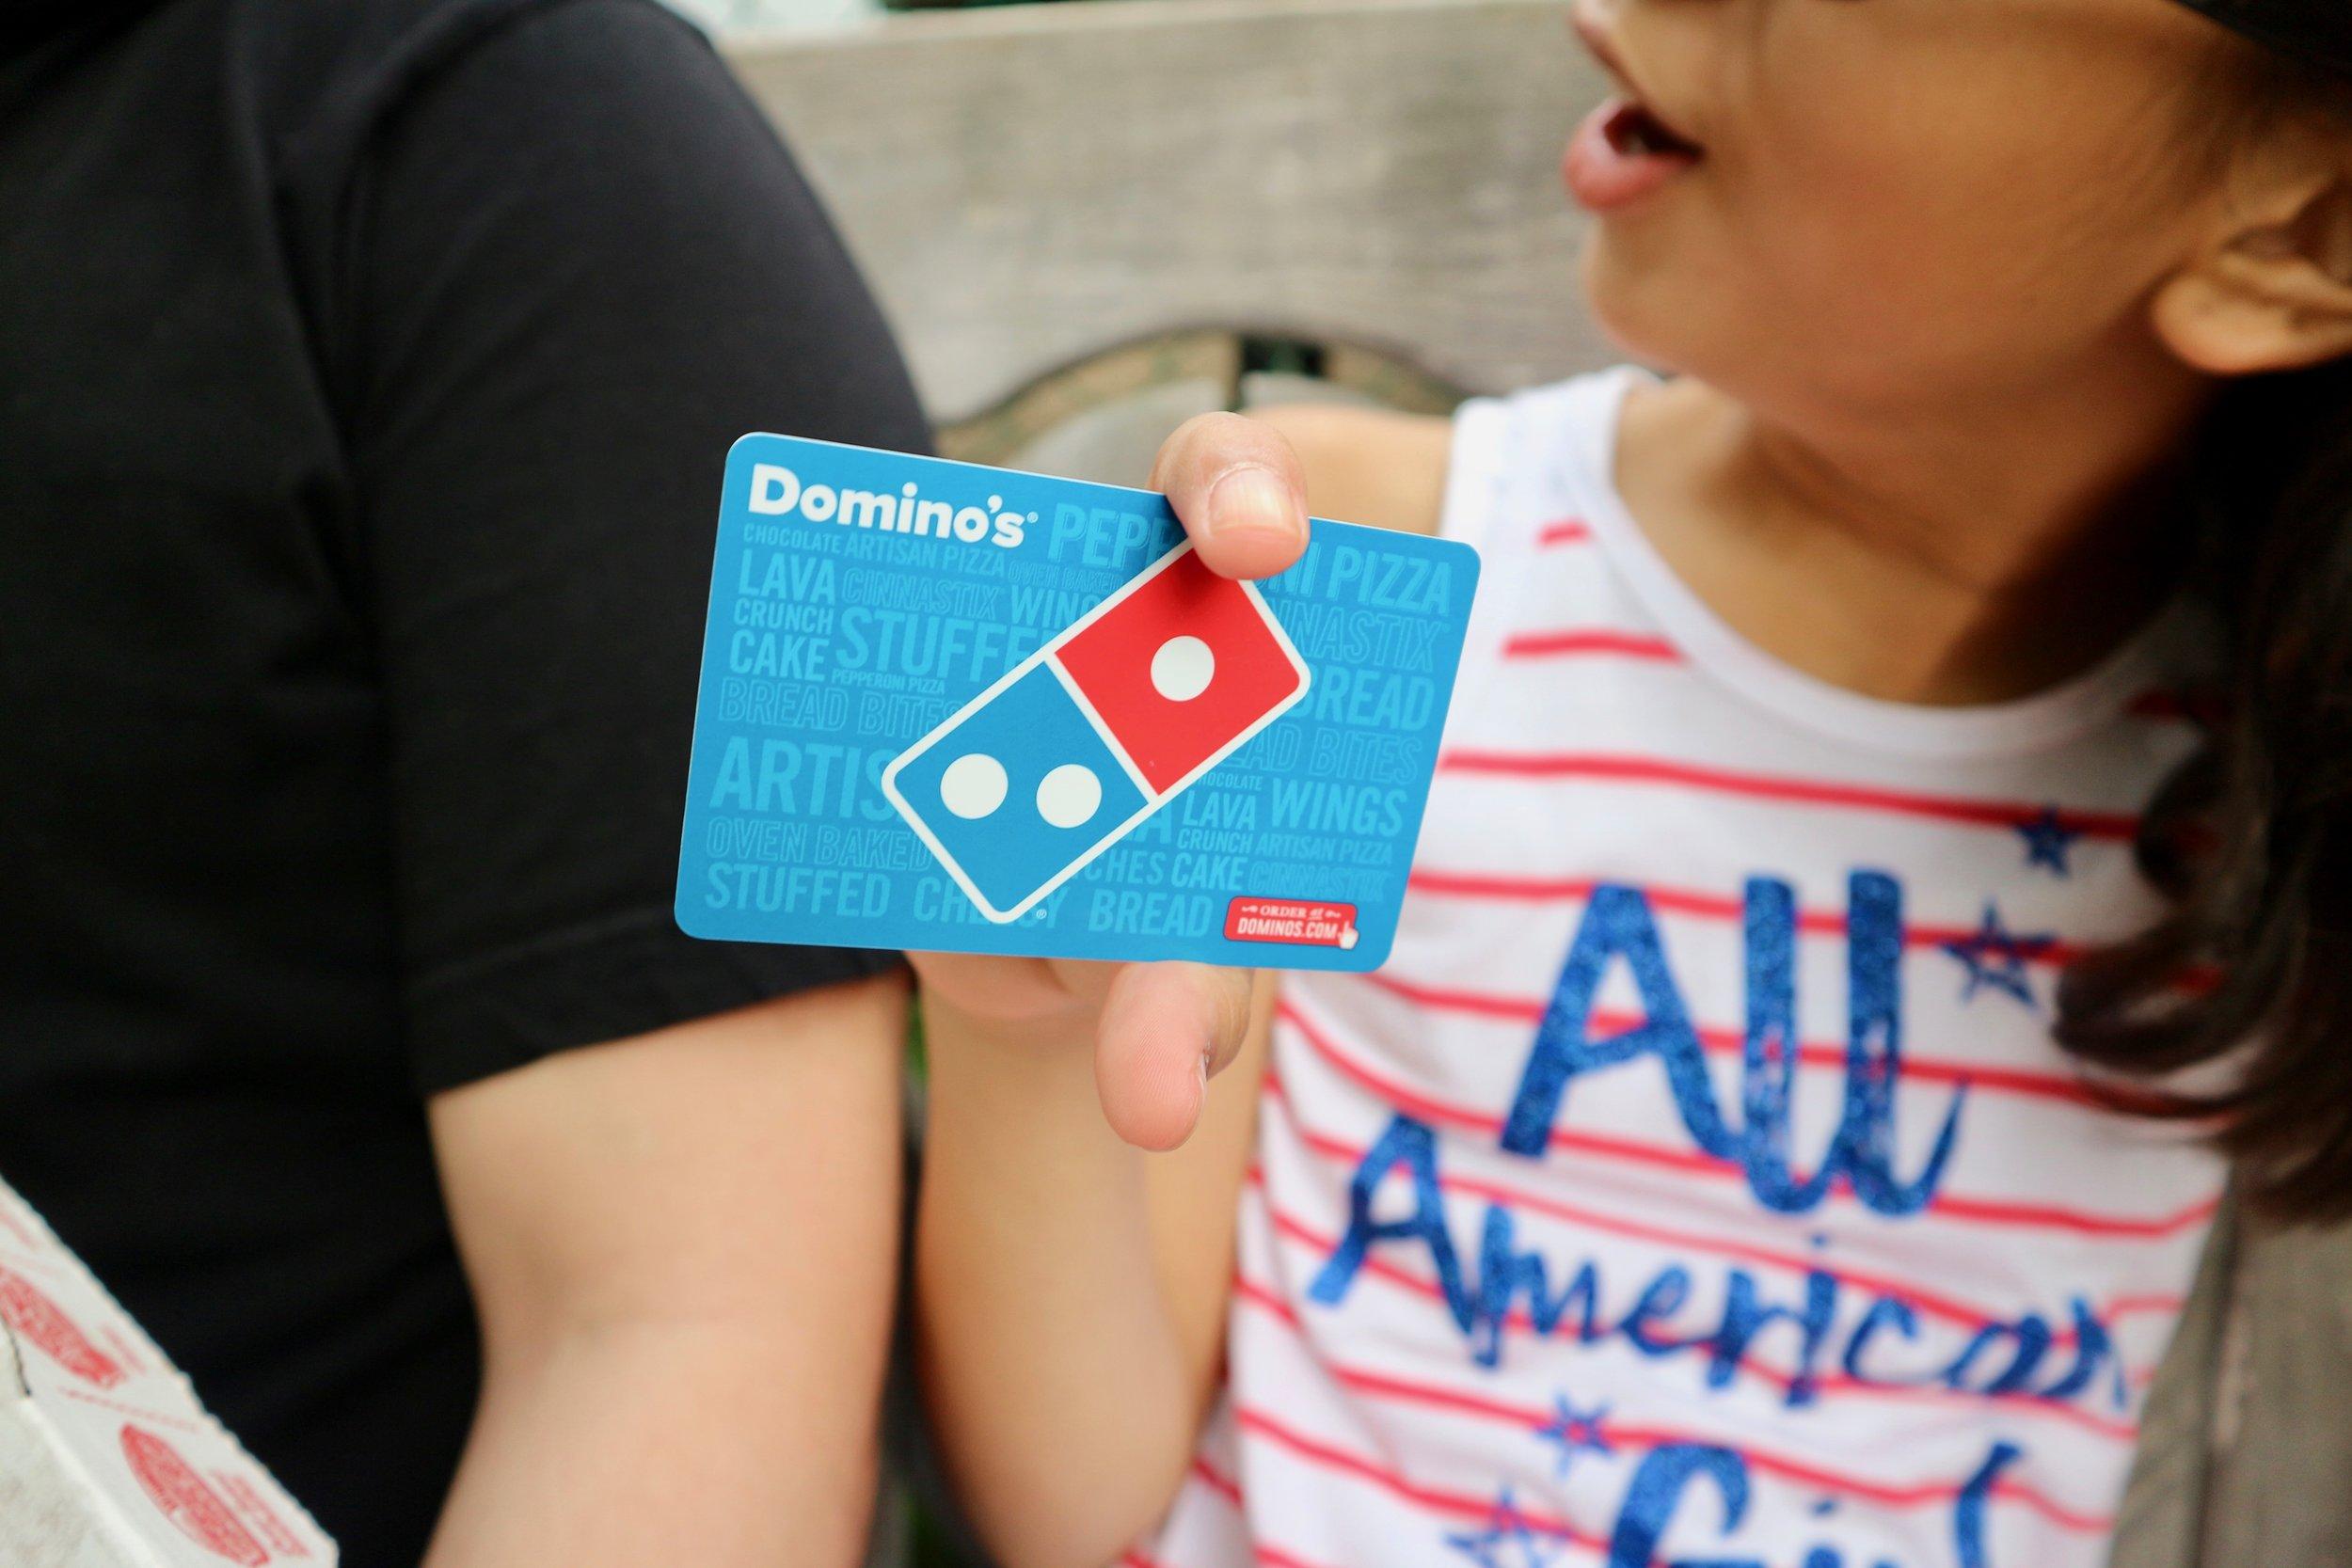 dominos gift card hotspots.jpg